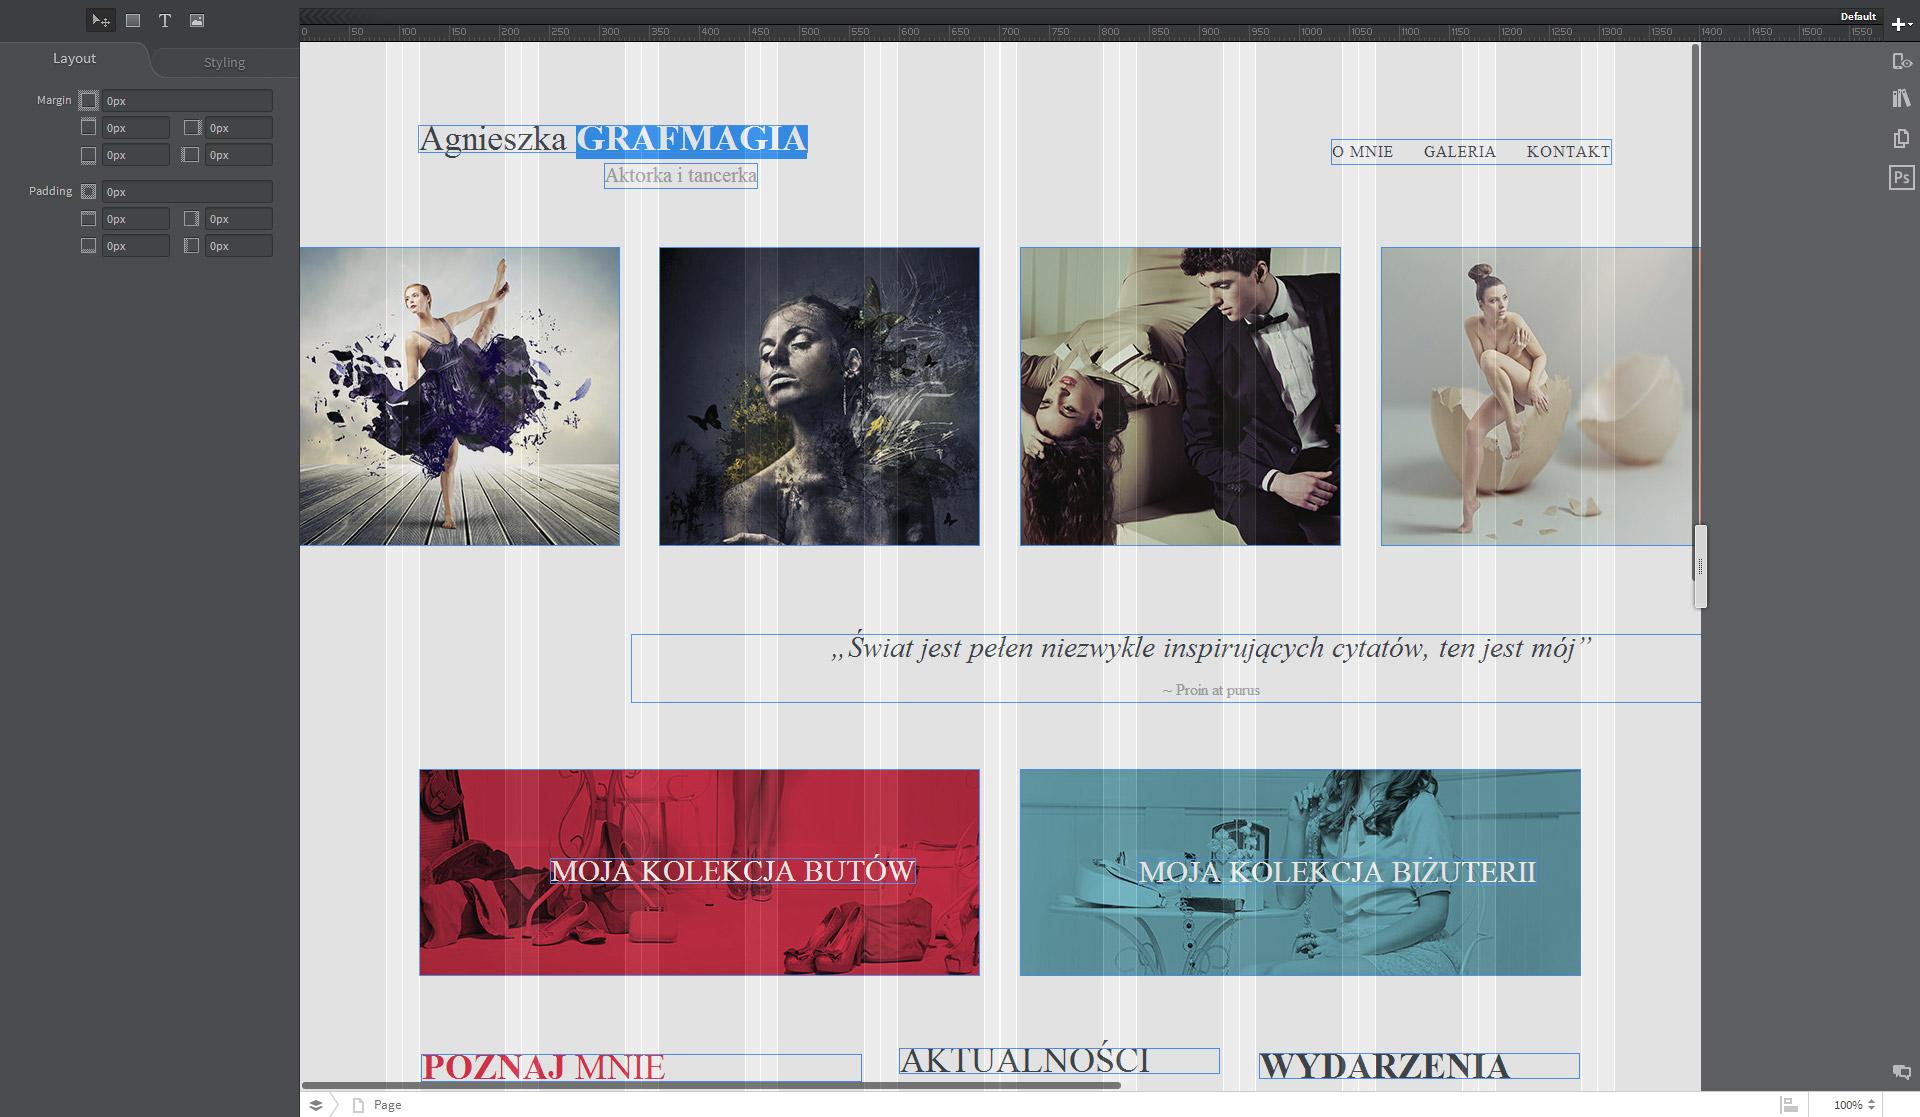 Responsywna-strona-internetowa-z-Adobe-Photoshop-i-Edge-Reflow-Pierwsze-otwarcie-projektu-z-Photoshop-w-Edge-Reflow-02